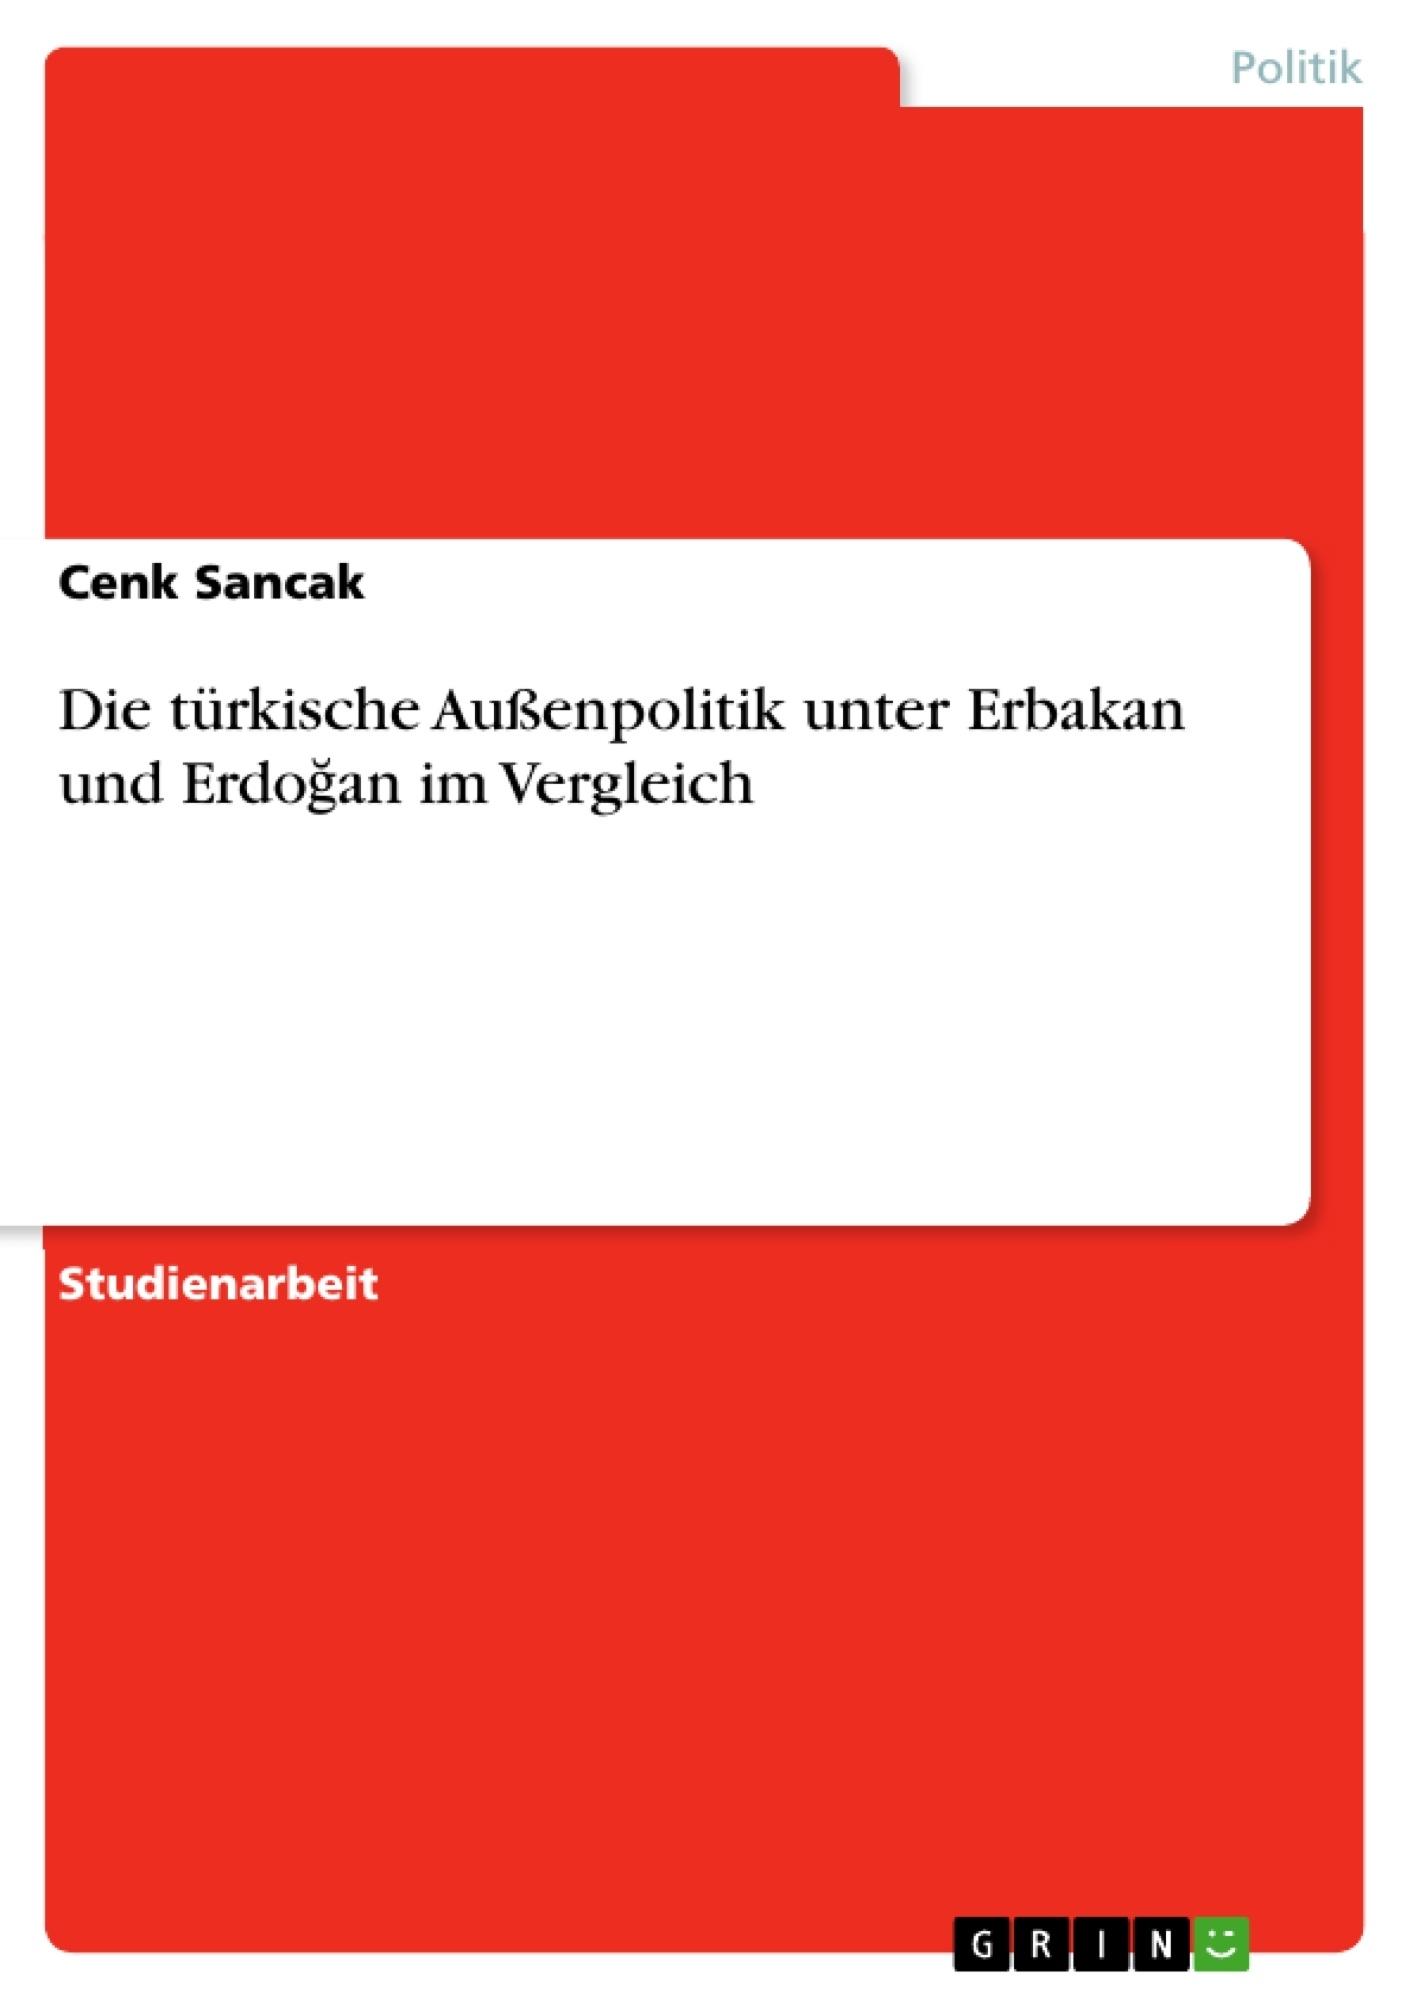 Titel: Die türkische Außenpolitik unter Erbakan und Erdoğan im Vergleich